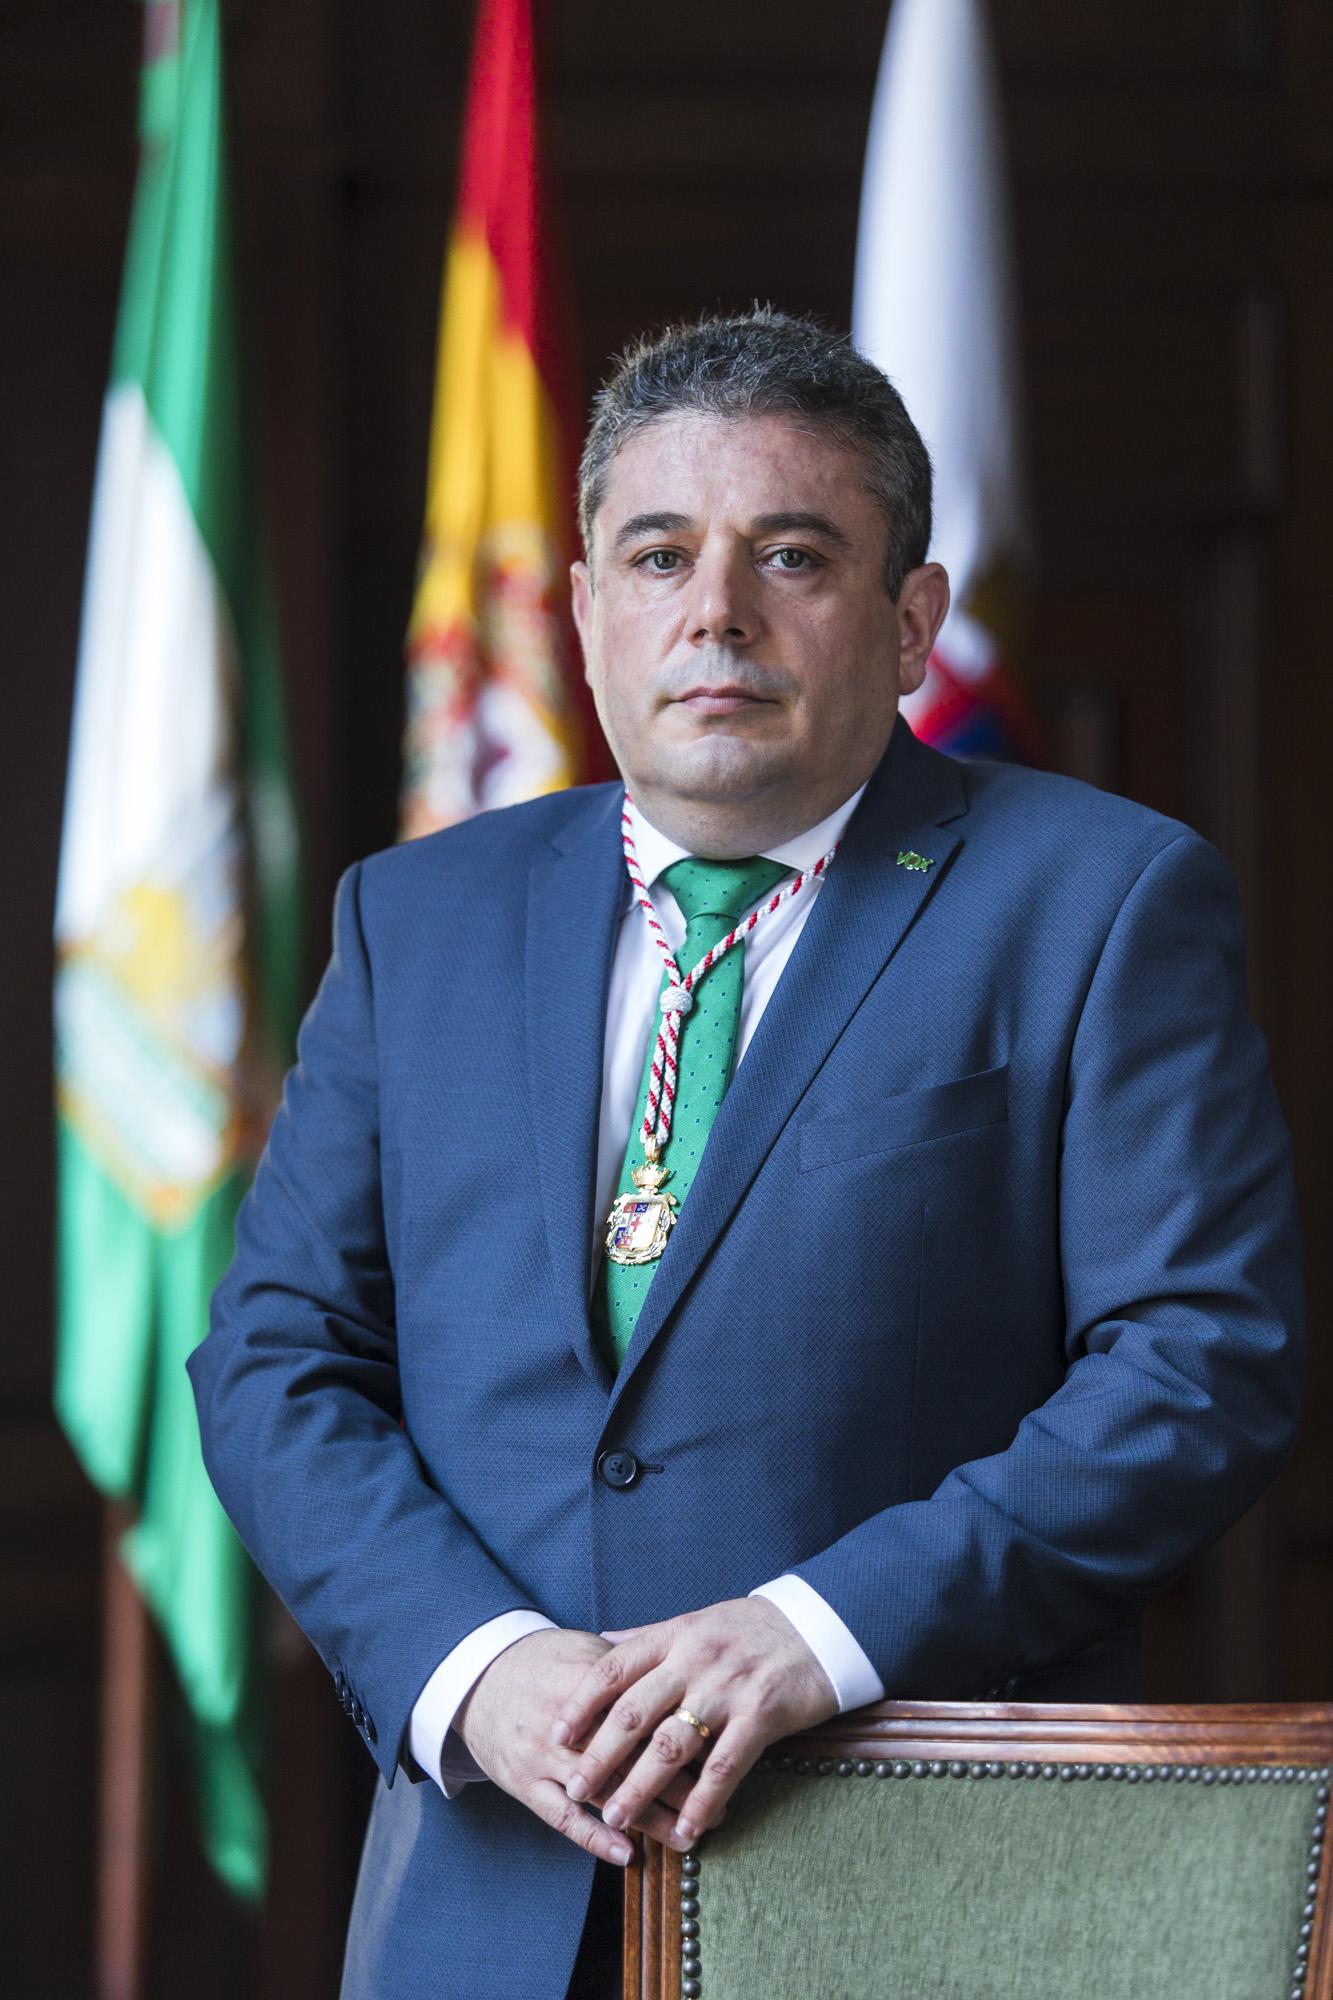 Juan José Ibáñez Salmerón